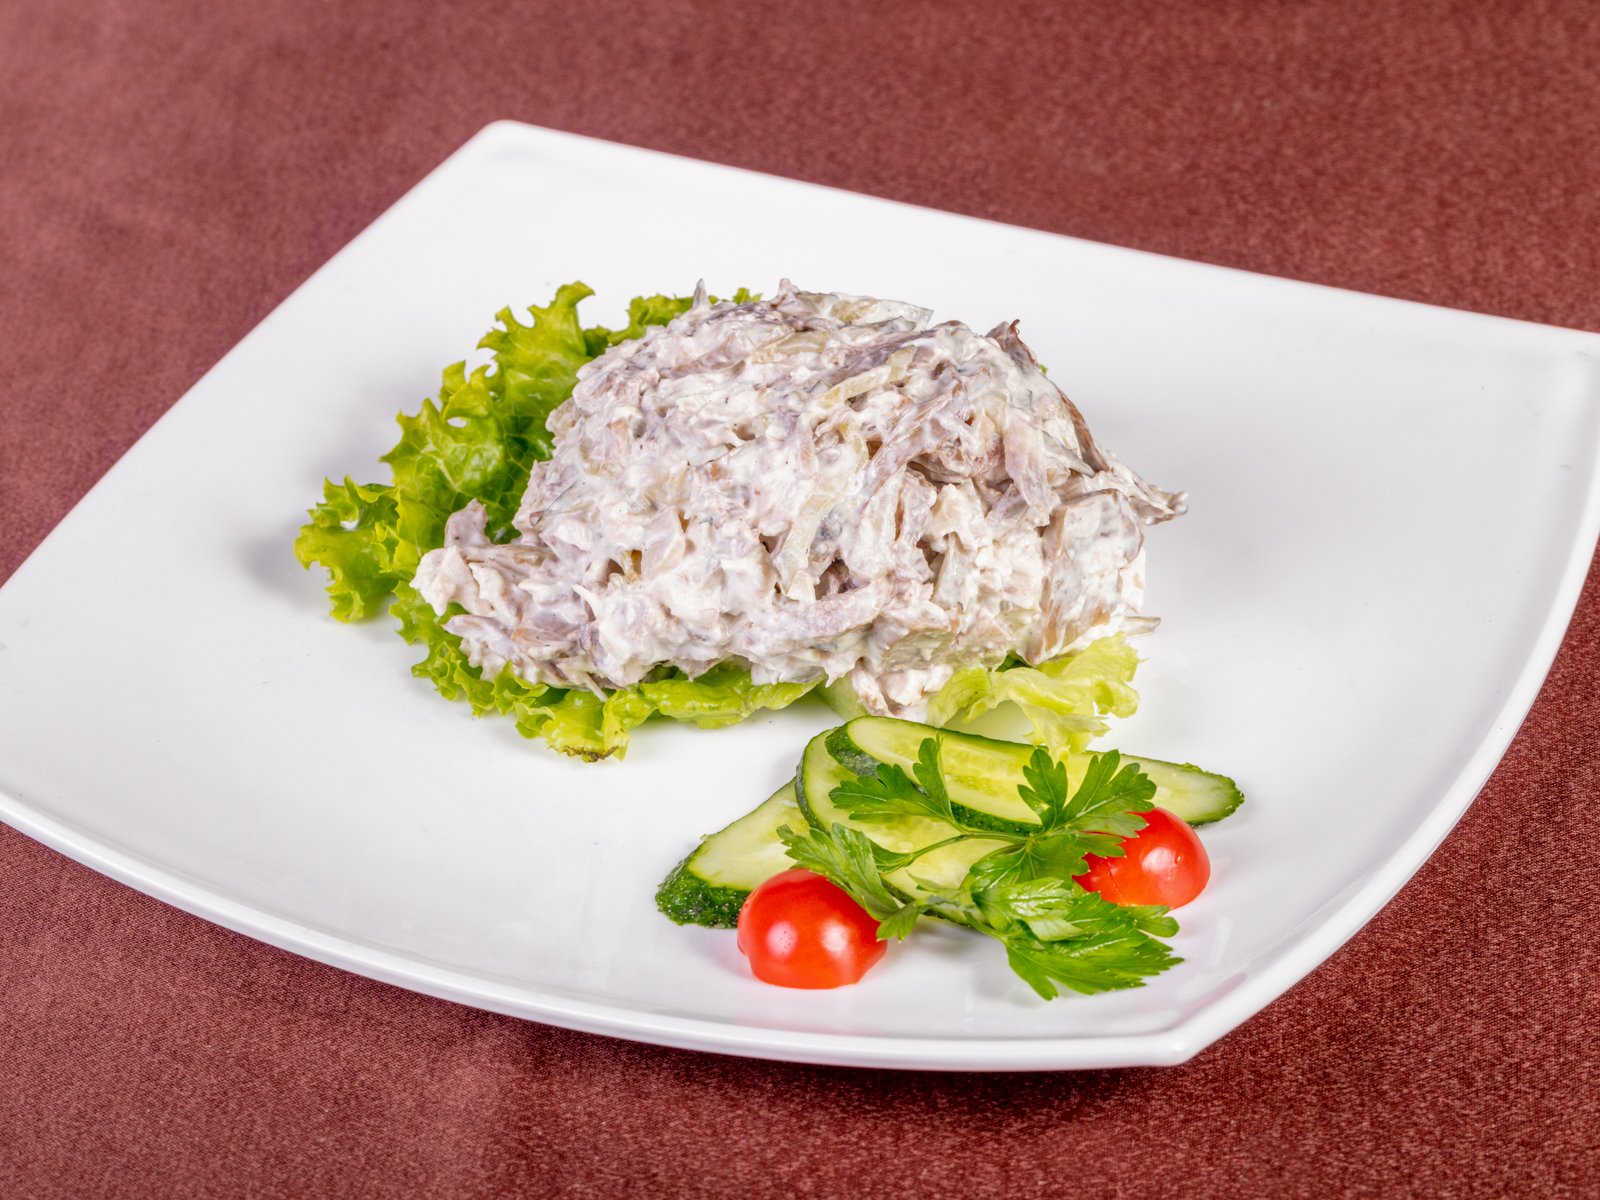 Салат из говяжьего языка с грибами и куриным филе